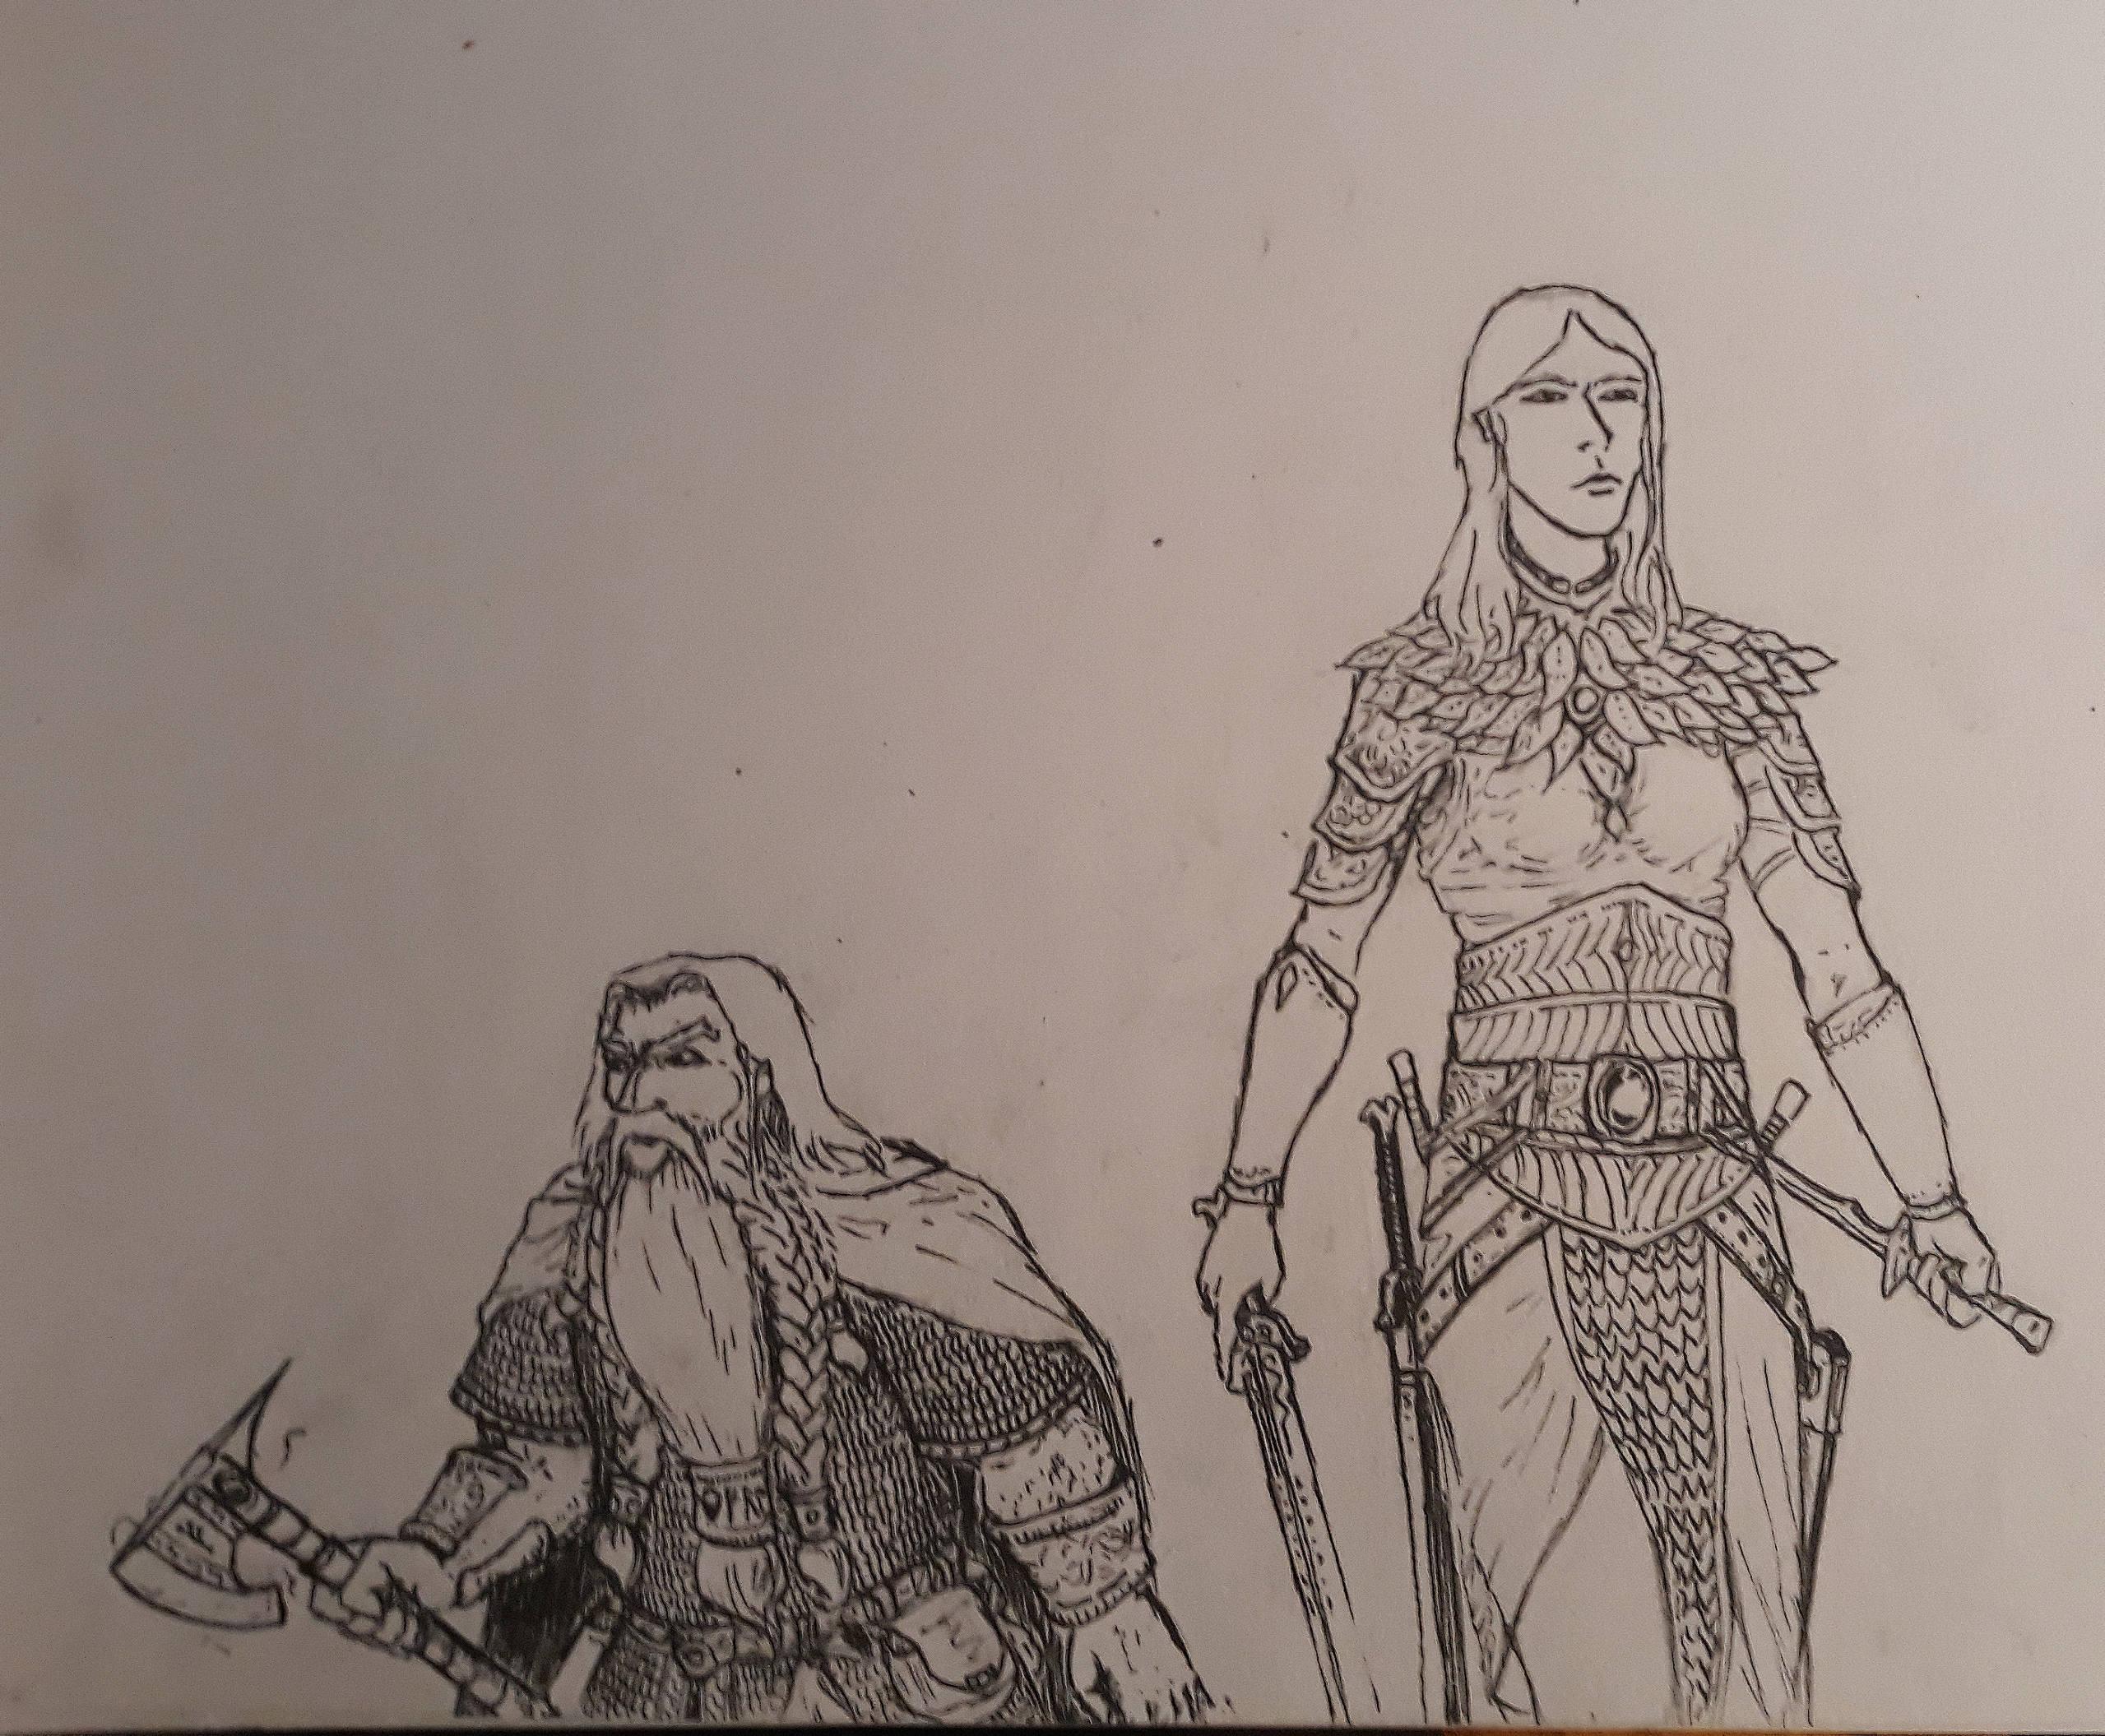 Les dessins de Gromdal - Page 11 110